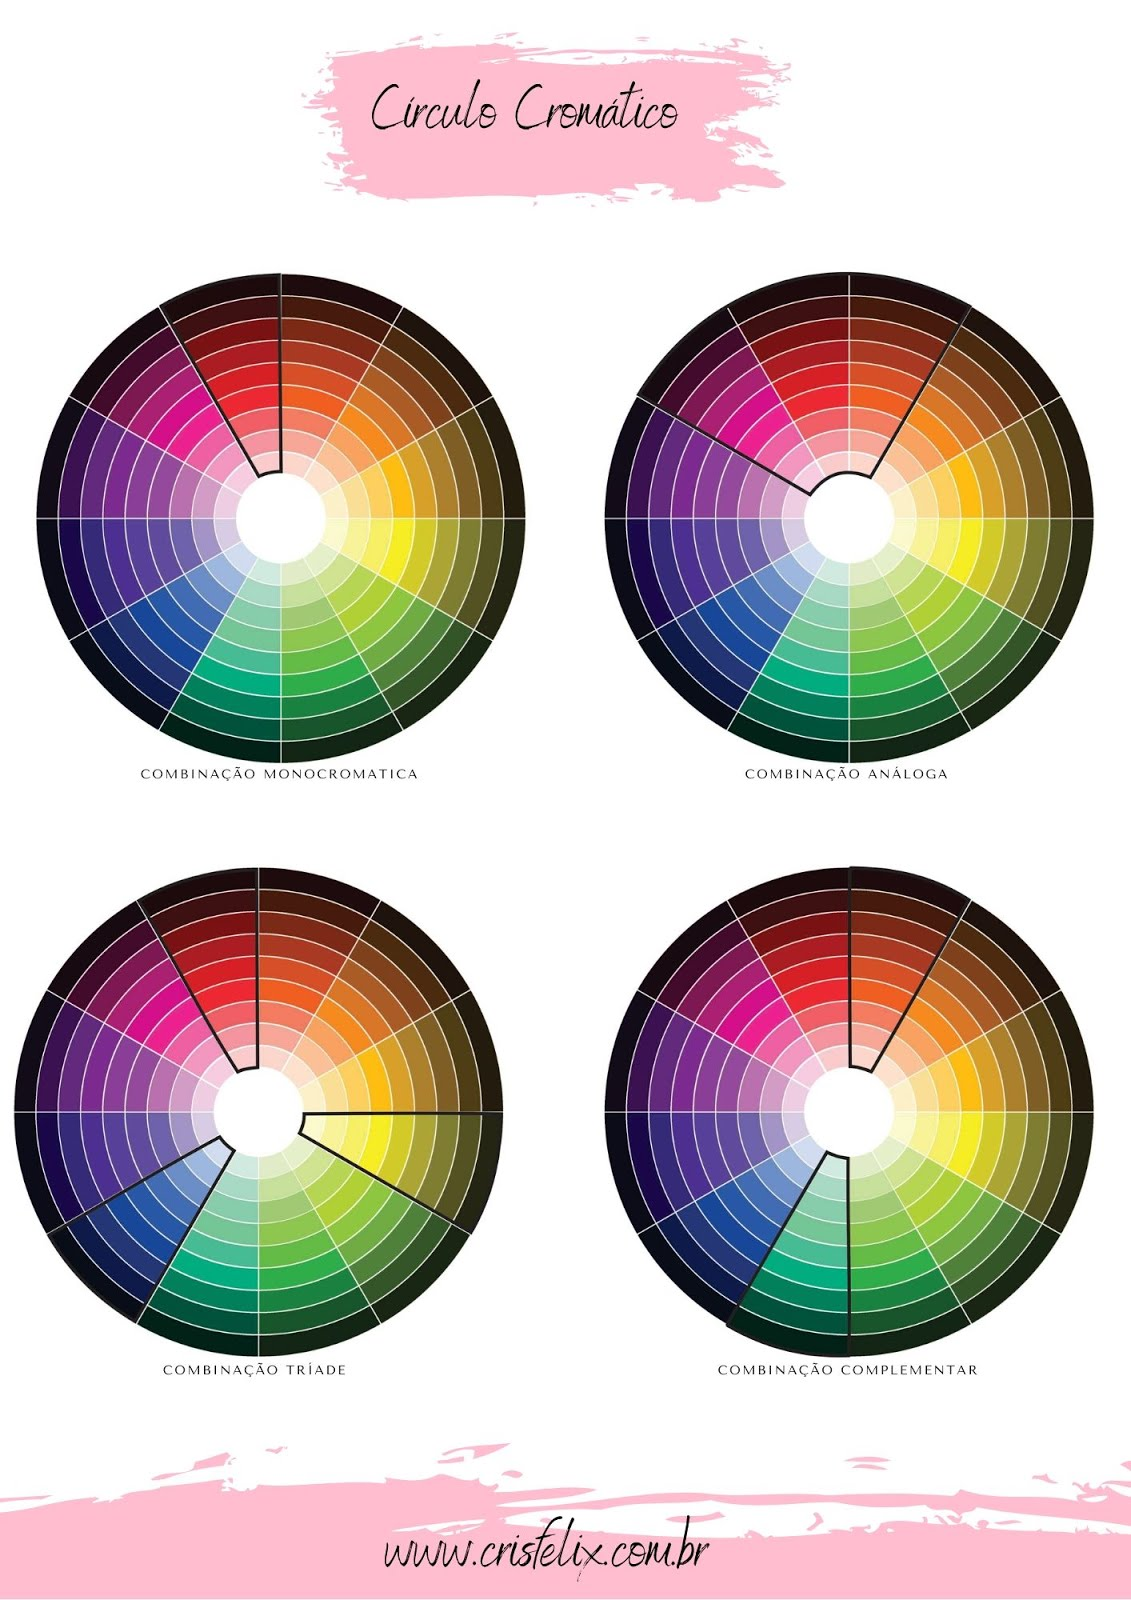 círculo cromatico moda, combinação monocromática, combinação análoga, combinação triáde, combinação complementar